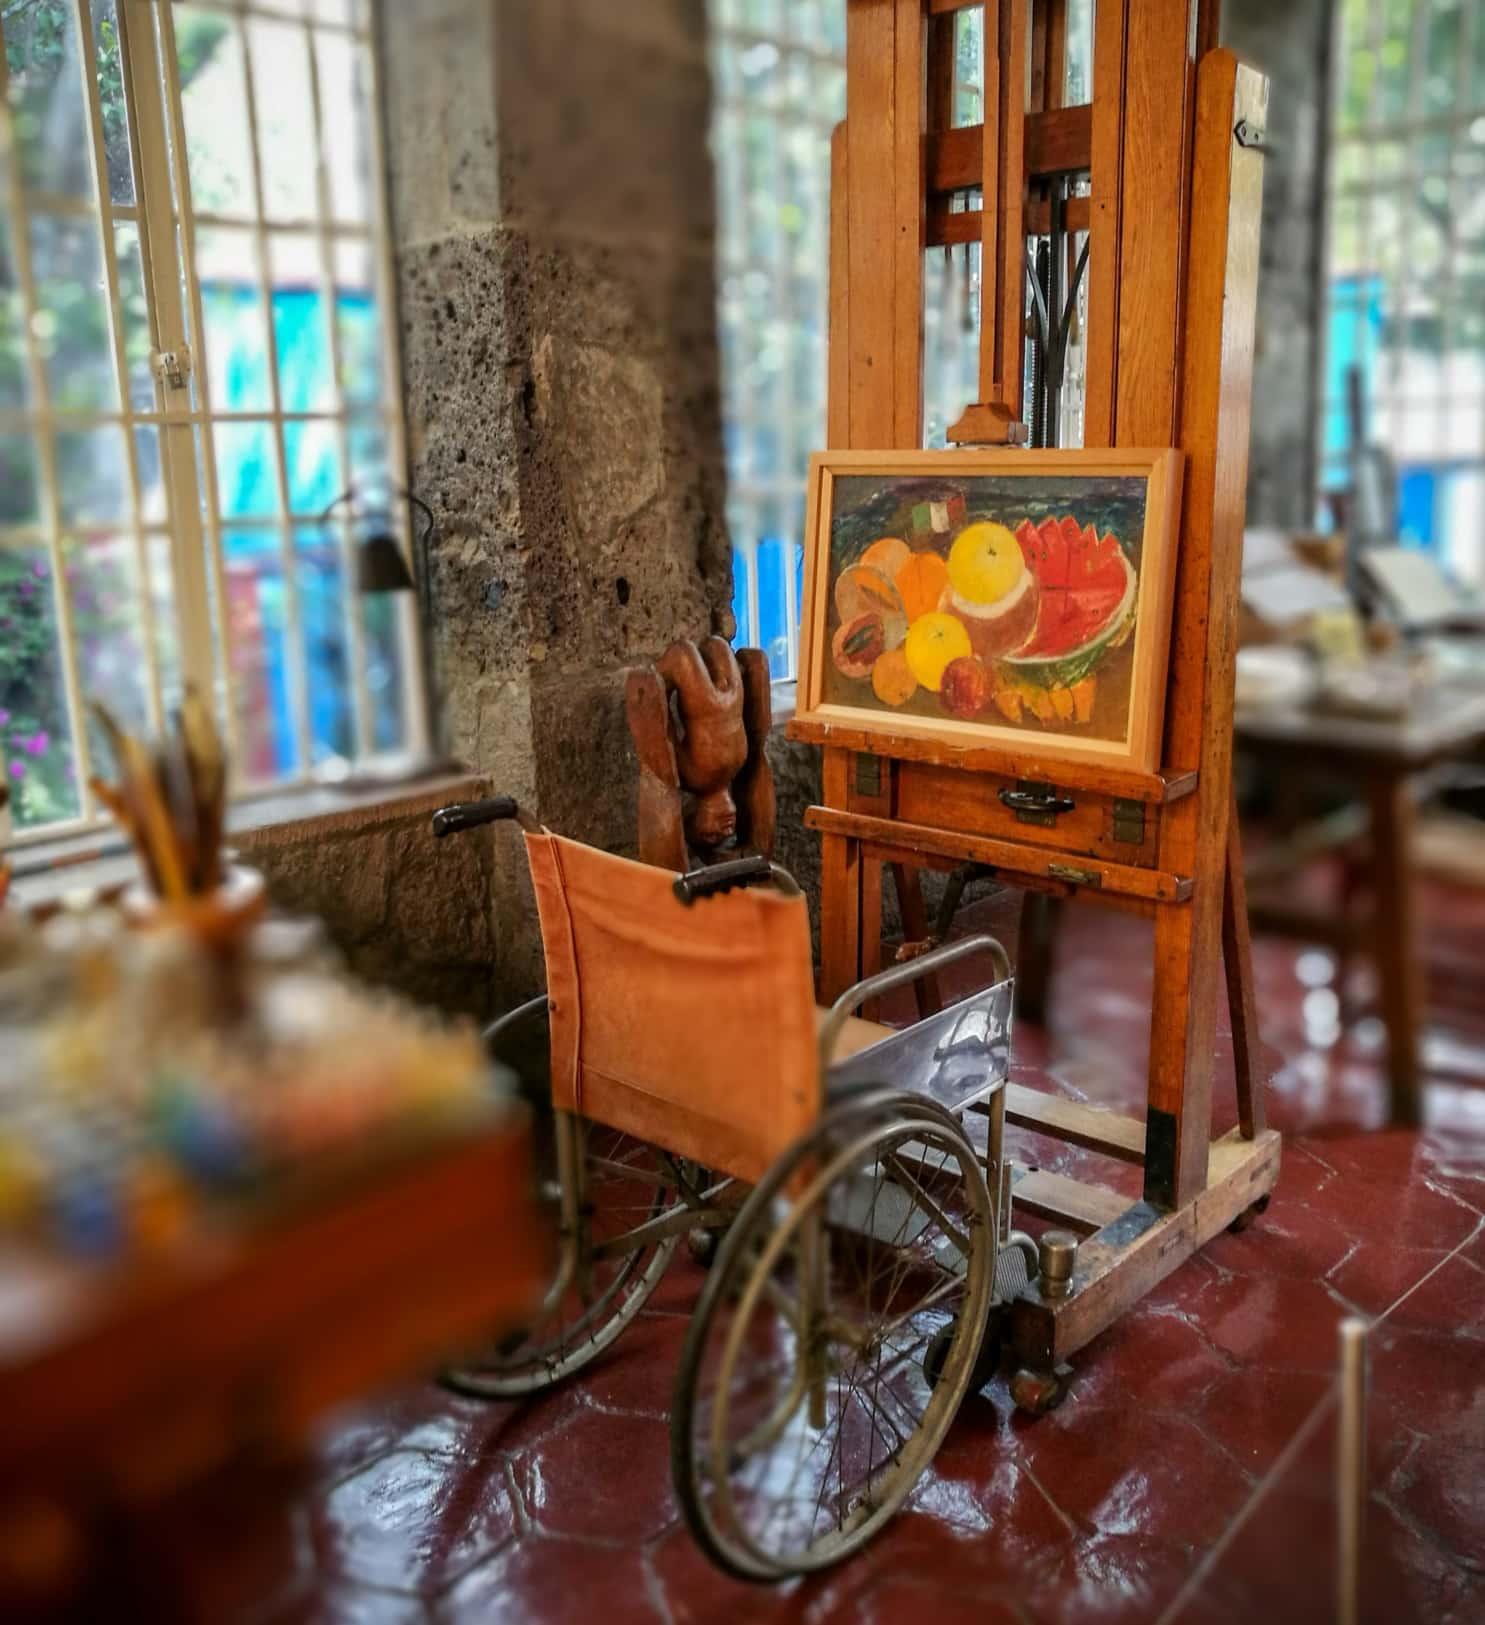 Frida Kahlos Haus mit Rollstuhl und Gemälde